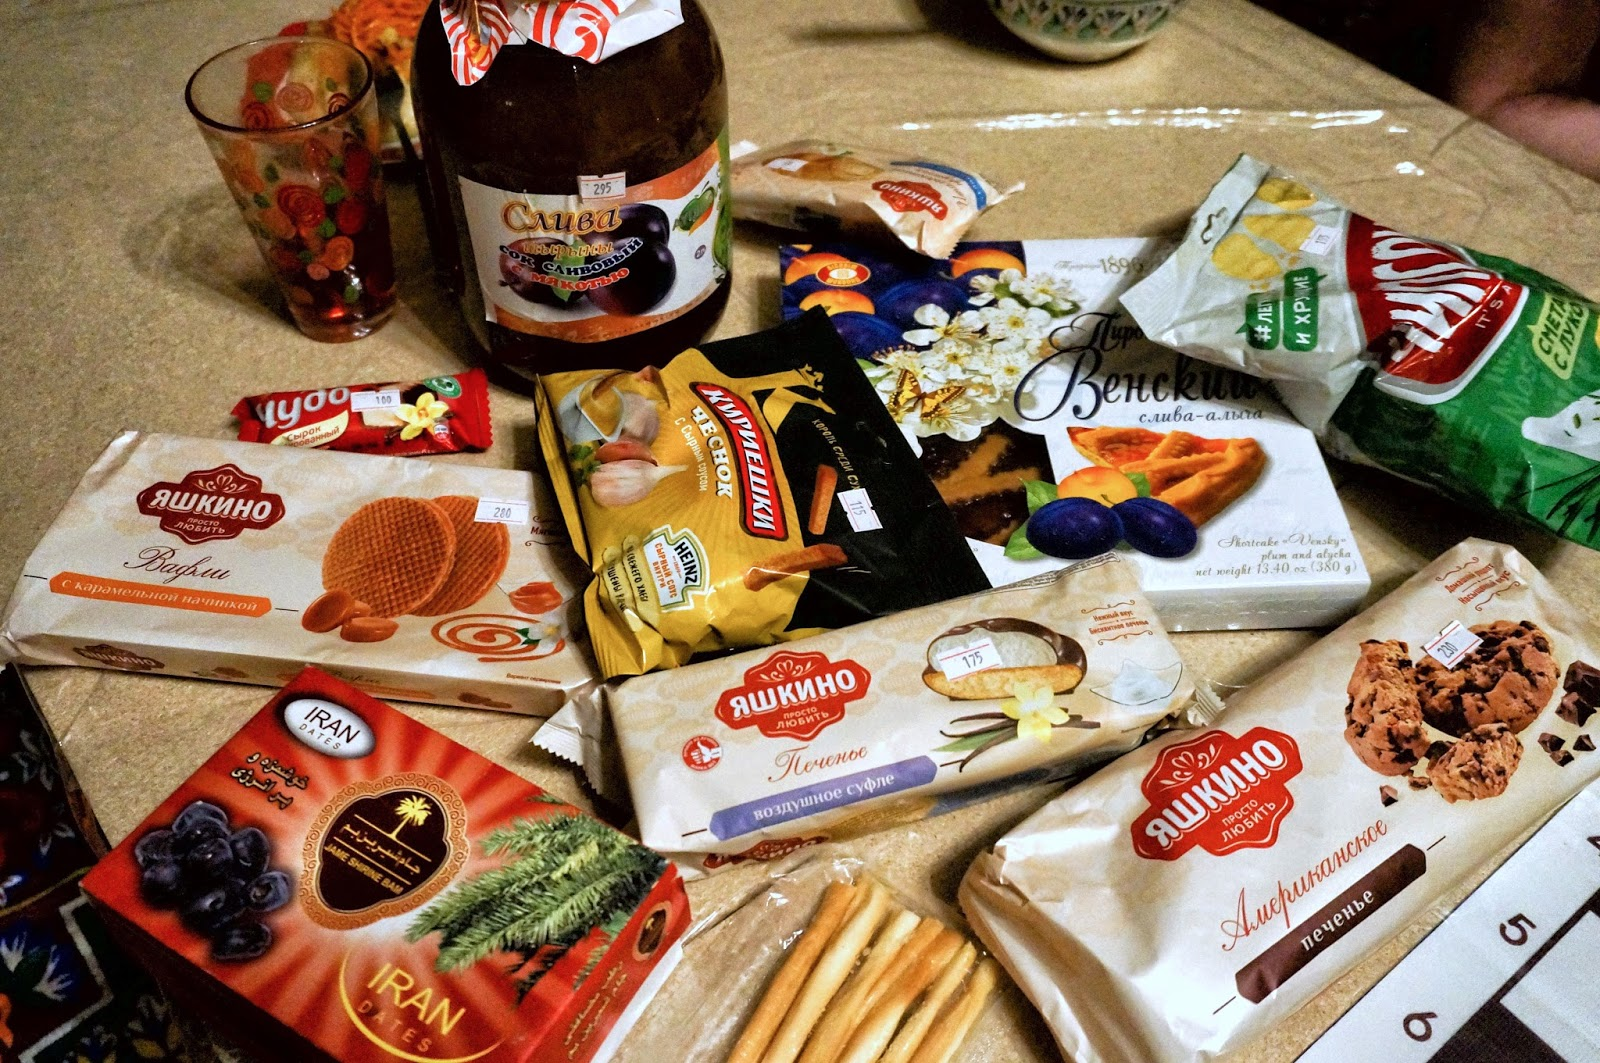 wyprawa do Kazachstanu, co zobaczyć w Kazachstanie, Kazachstan ciekawostki, zwiedzanie Kazachstanu, Kazachstan jedzenie, co jeść w Kazachstanie